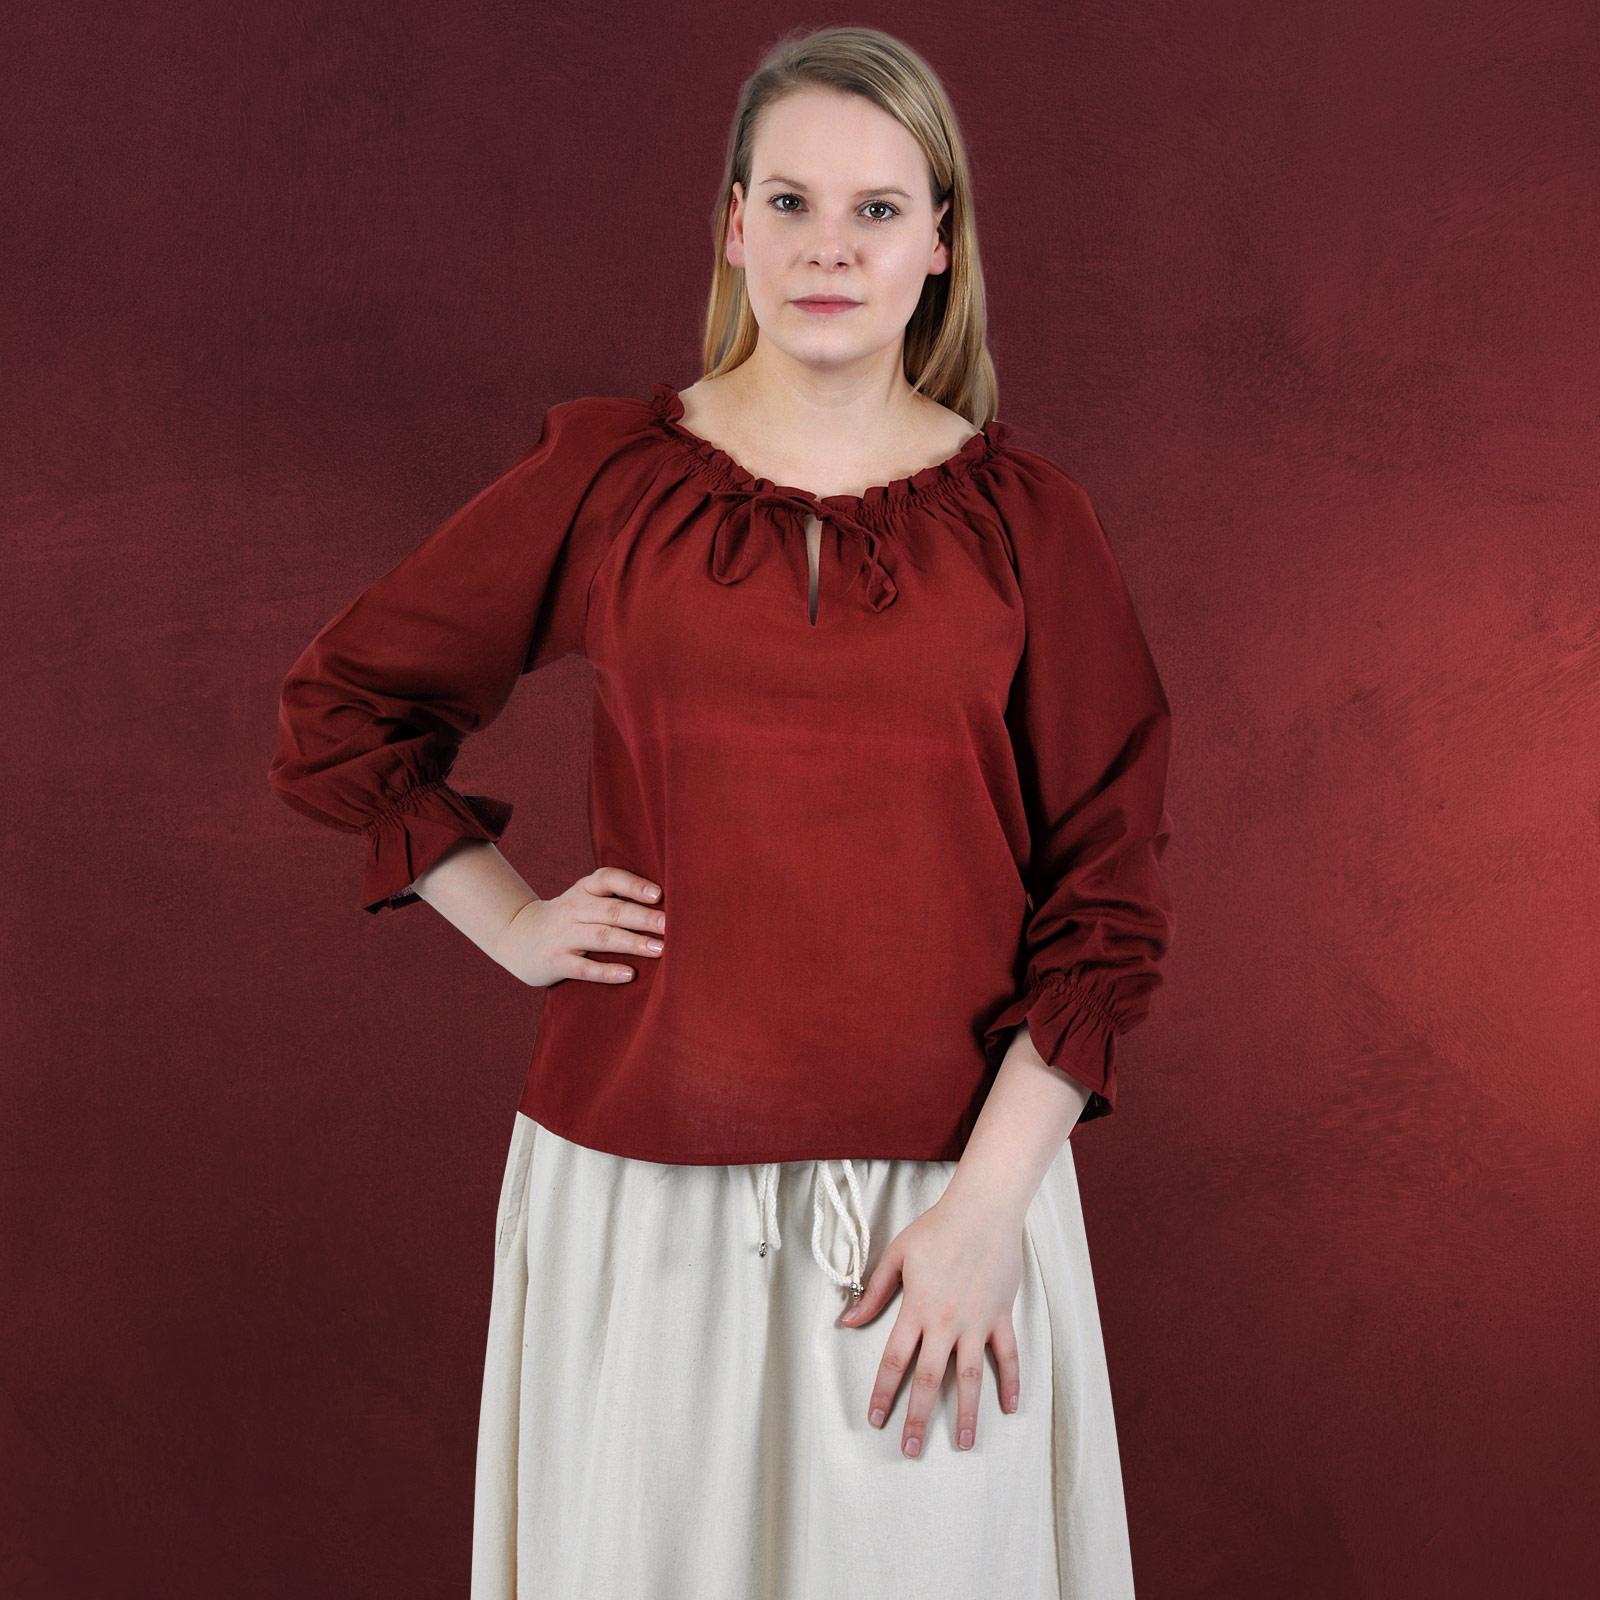 leichte mittelalter bluse langarm damen rot variabler. Black Bedroom Furniture Sets. Home Design Ideas